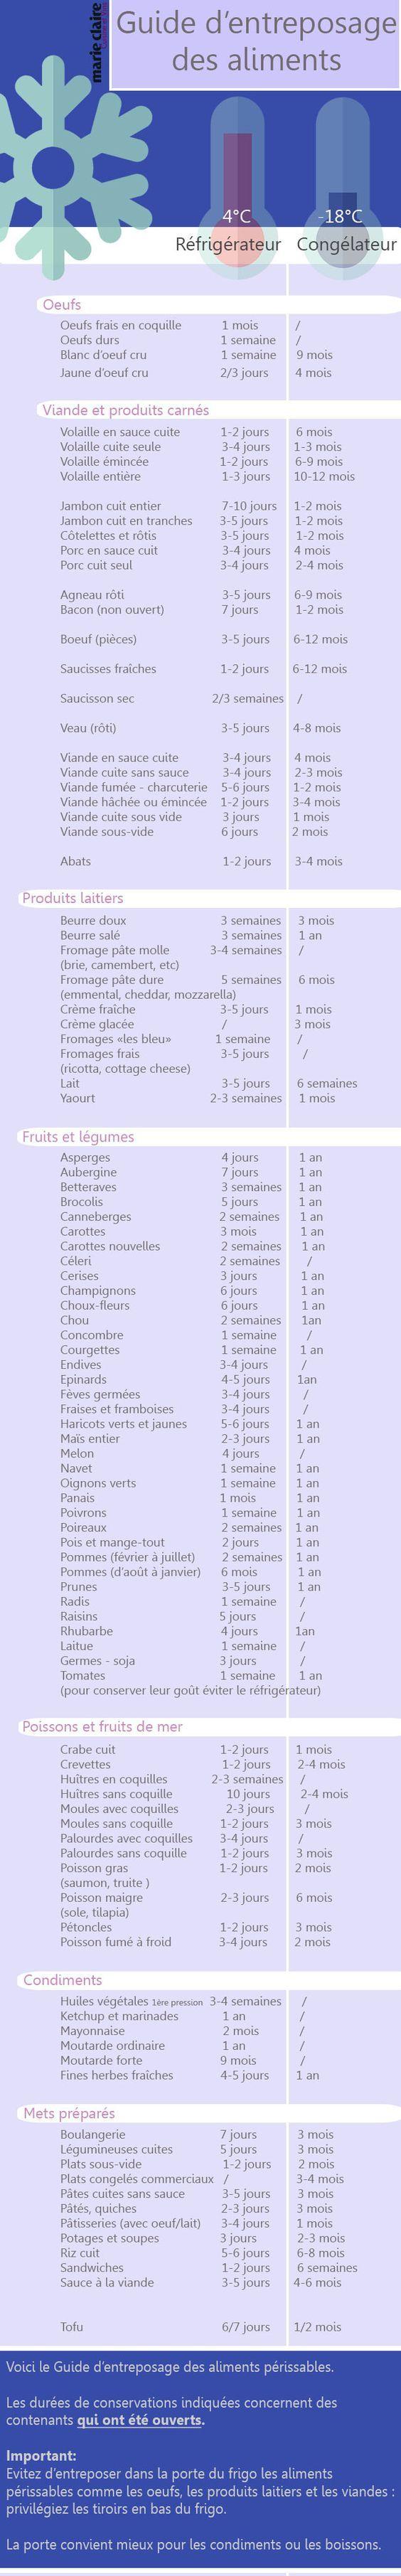 Guide de durée de conservation des aliments périssables au frigo et au congélateur: